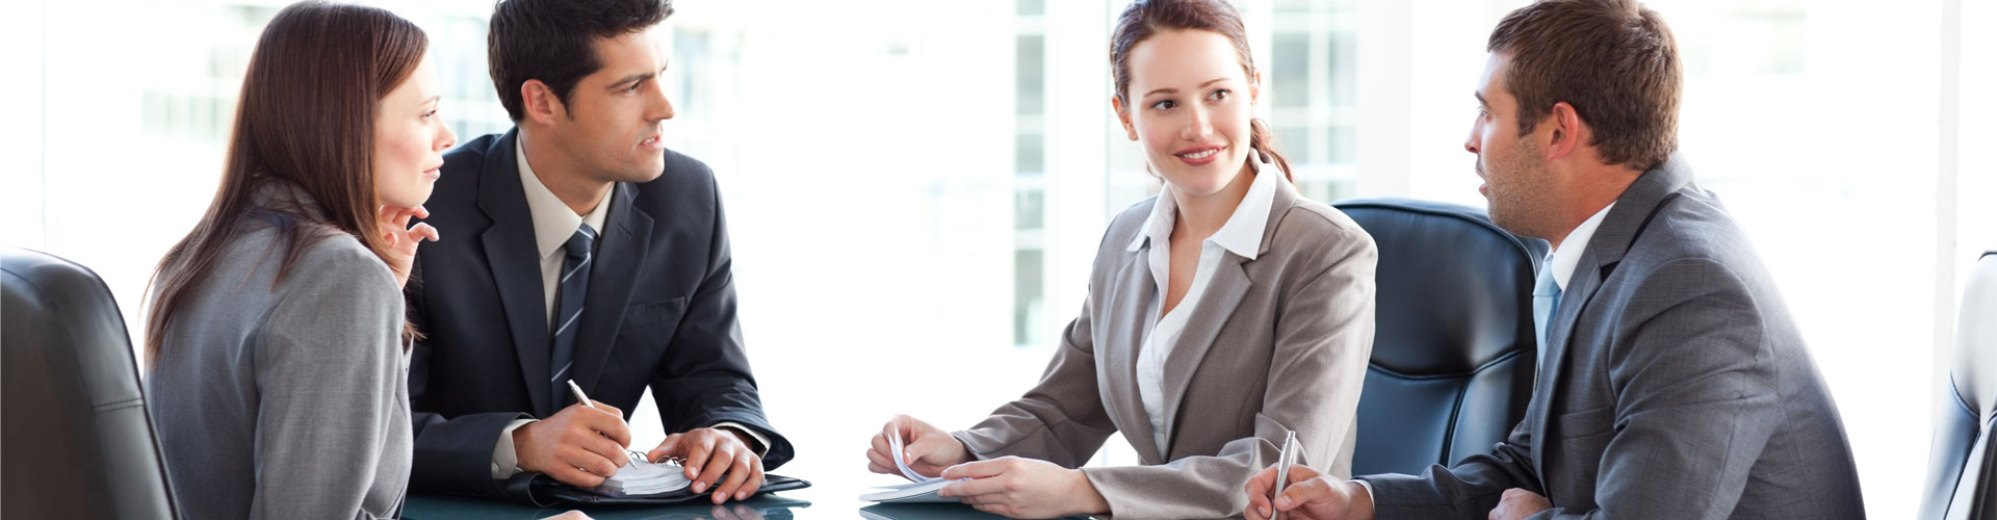 ВДНХ Юридическая консультация, Юристы, Адвокаты